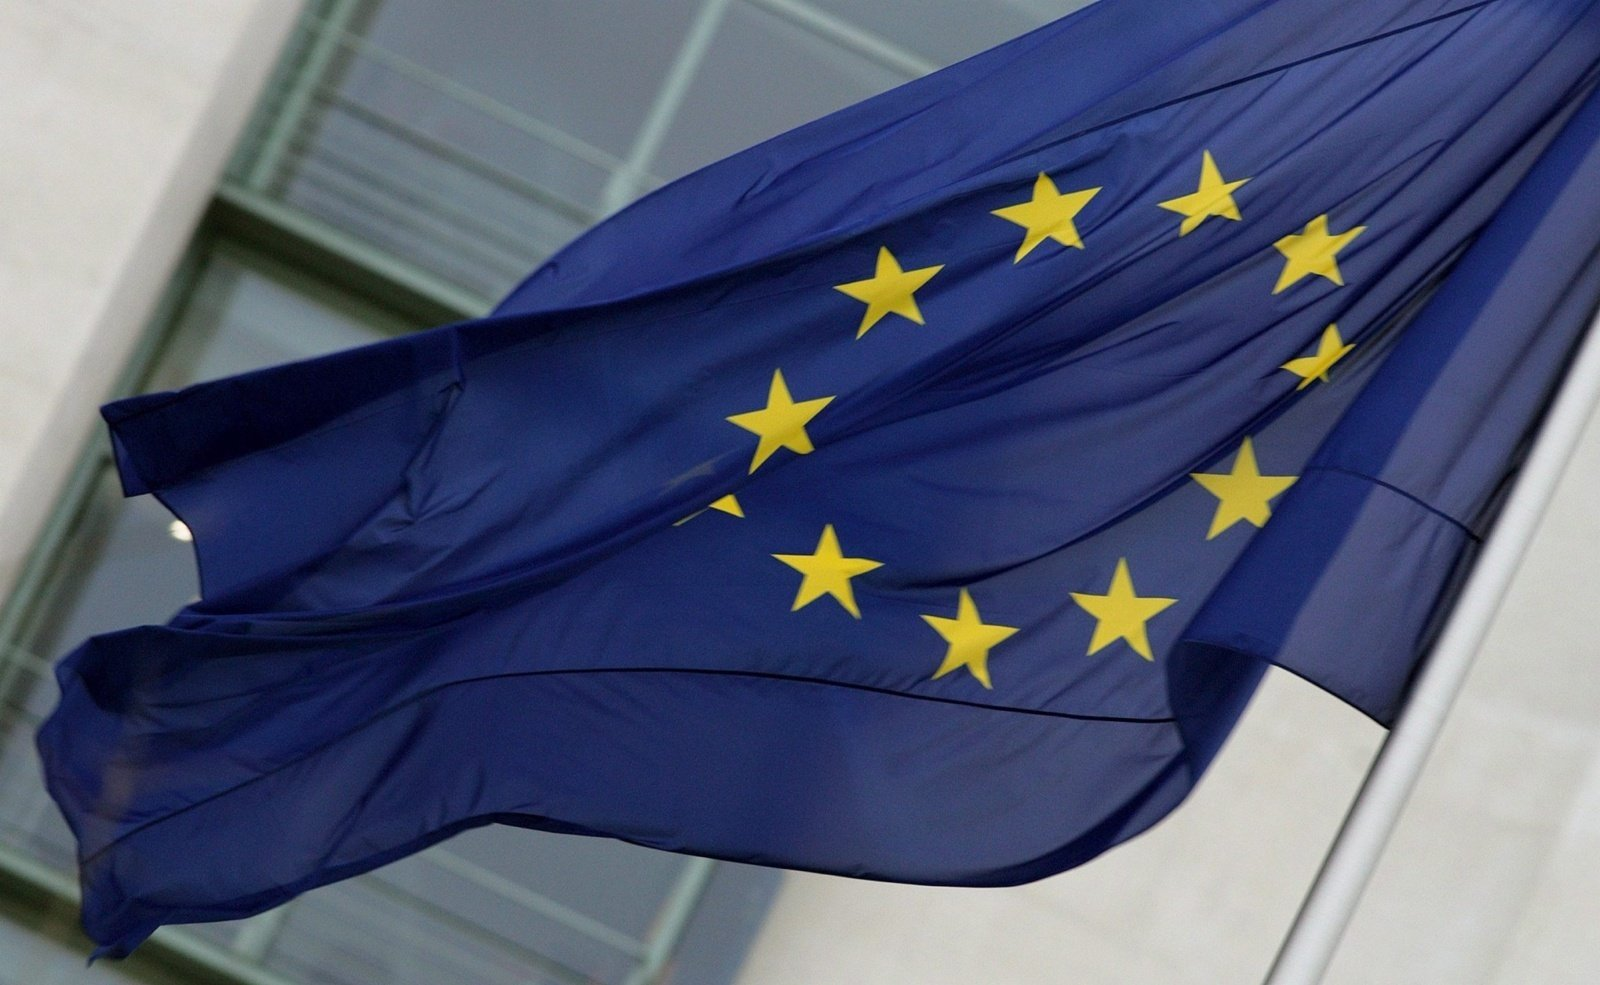 Europos Parlamento vicepirmininkė Lietuvoje diskutuos apie Europos saugumą ir migraciją